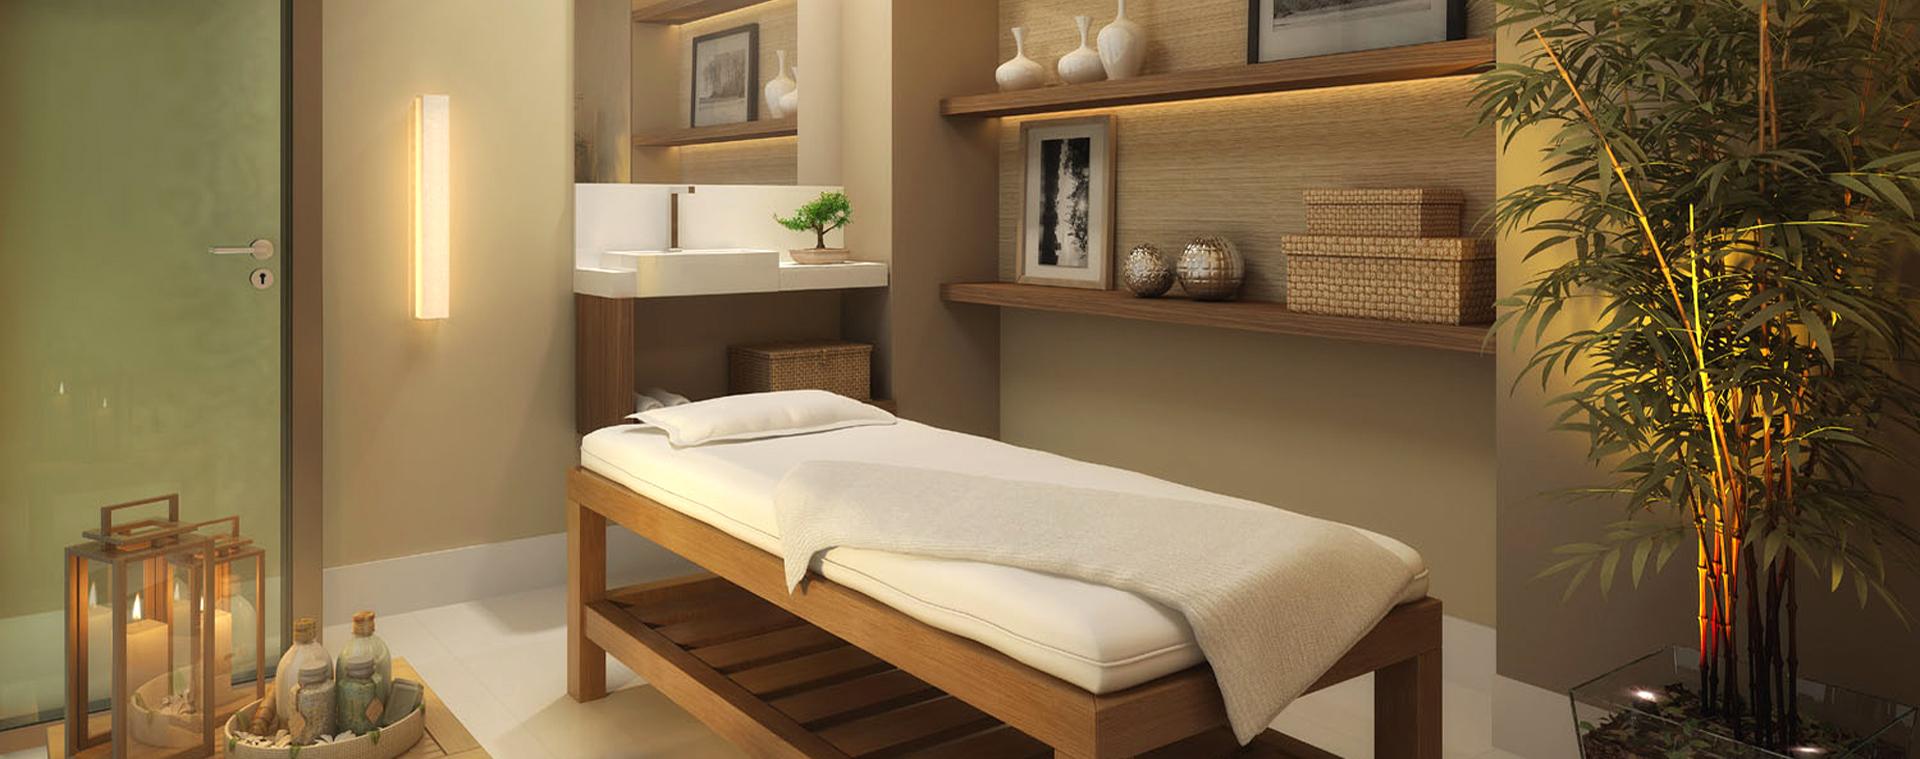 Muebles Para Estetica Muebles Otero # Wizar Muebles Para Estetica